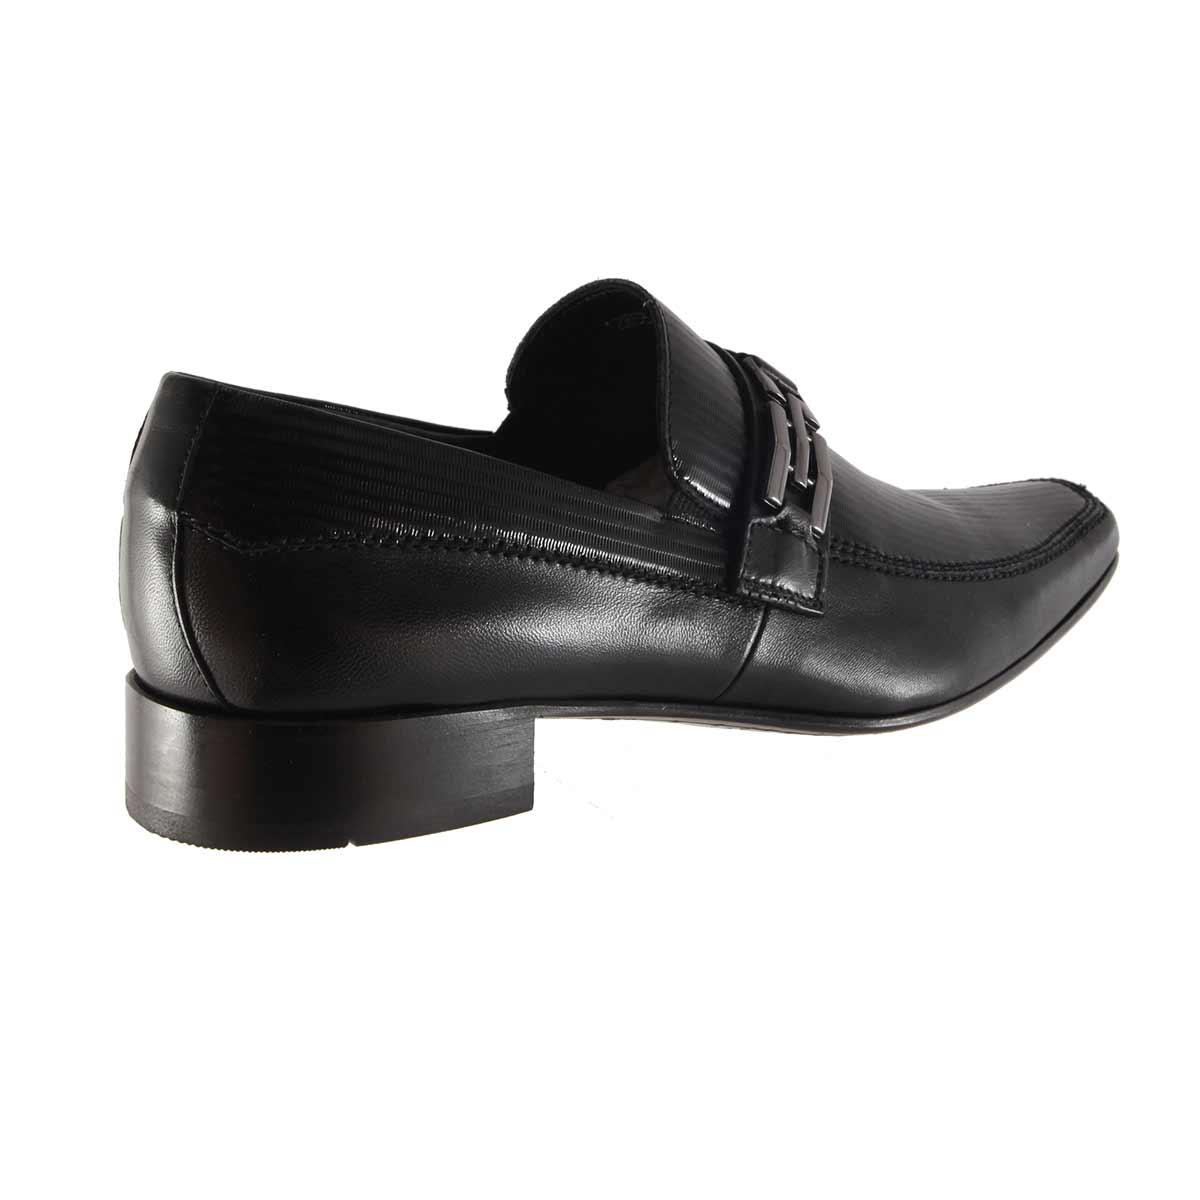 Sapato Scatamacchia Social Fivela 100% em Couro 012-853  - Ian Calçados